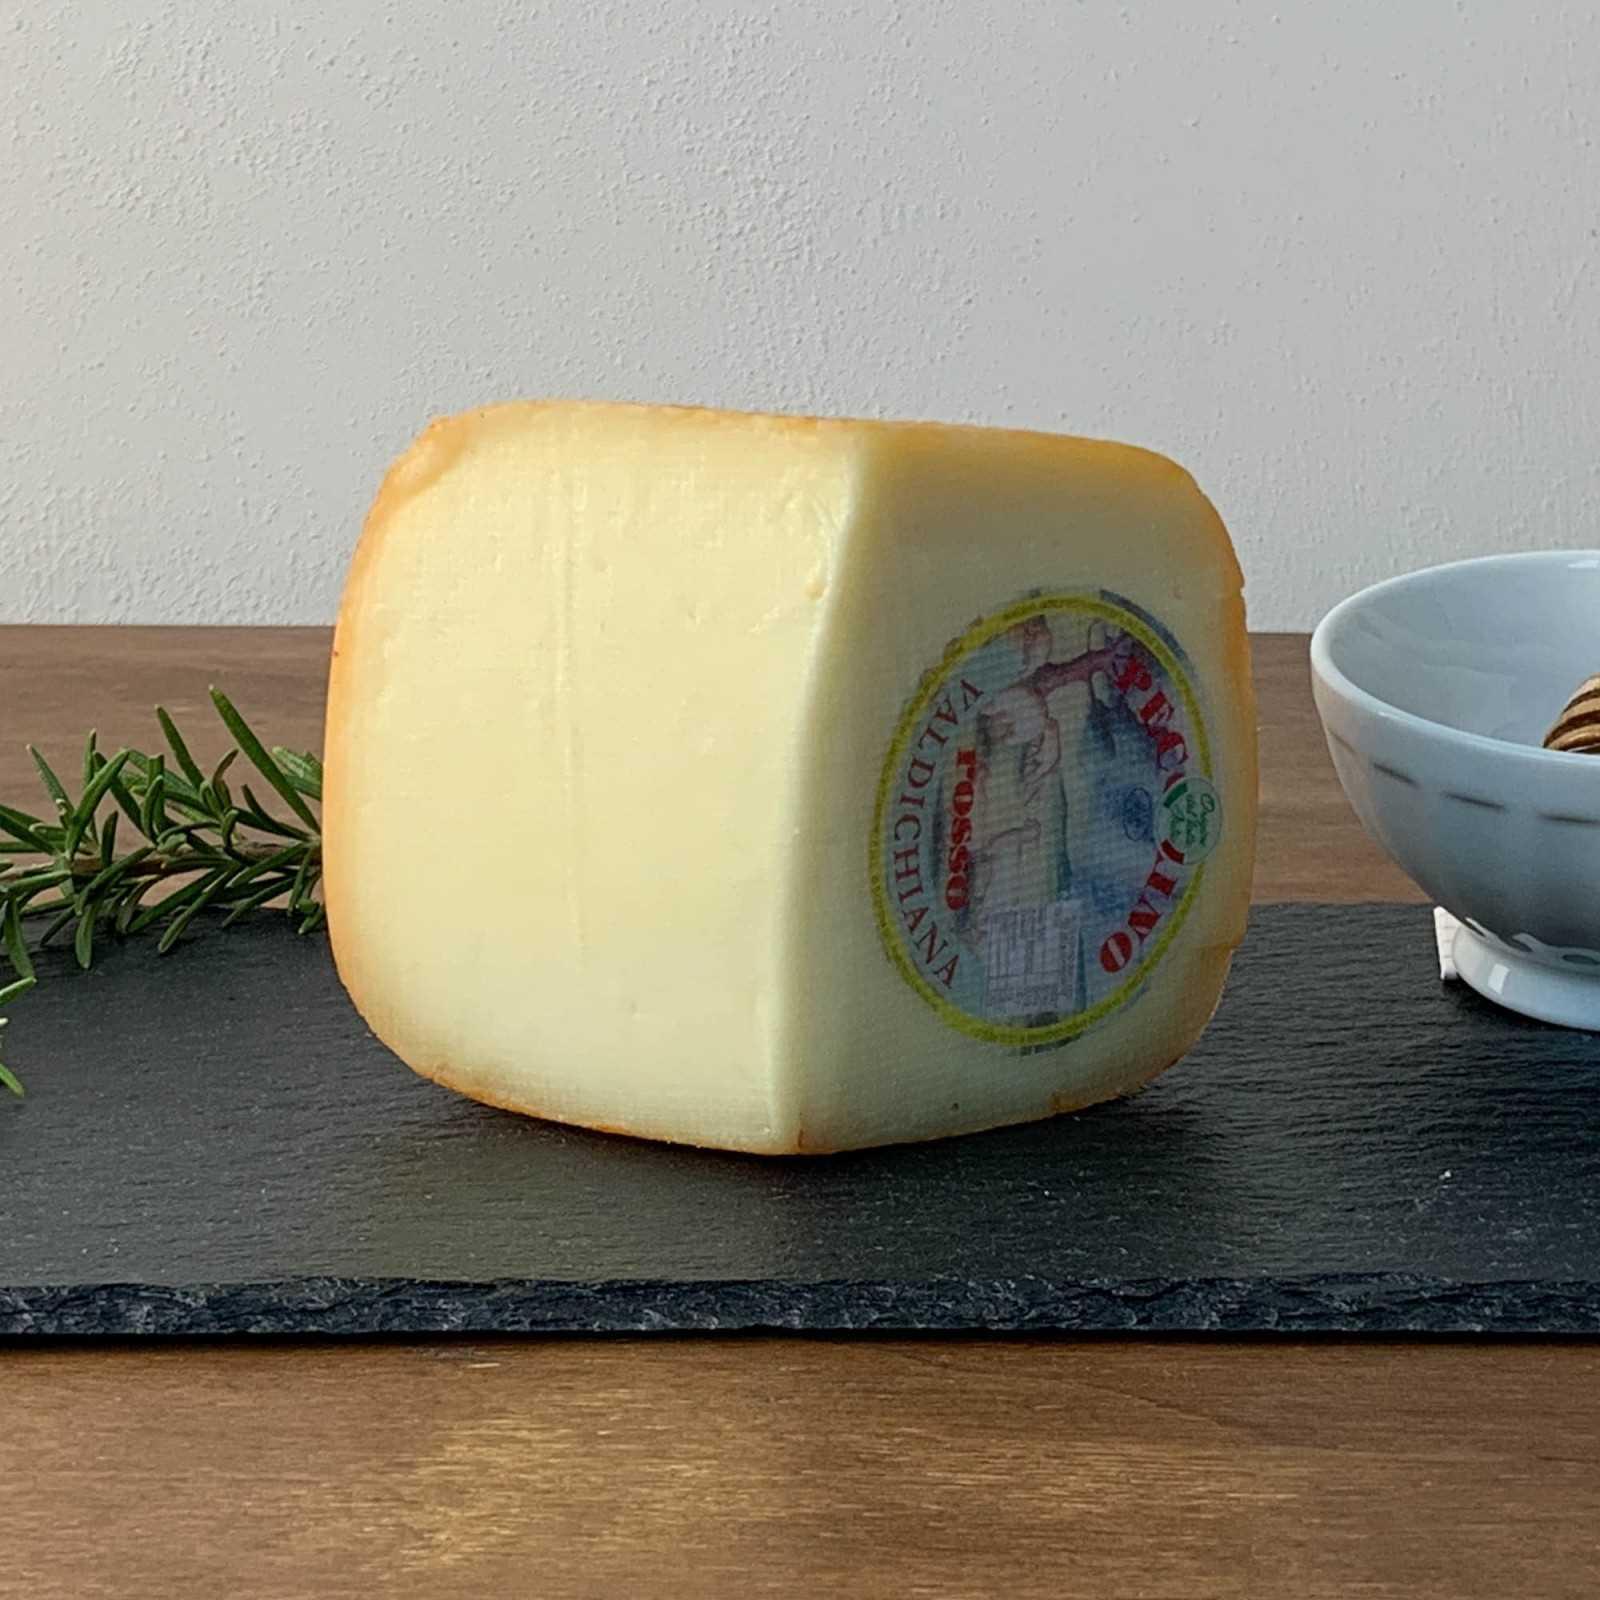 Halb-Gereifter Toskanische Pecorino-Käse.